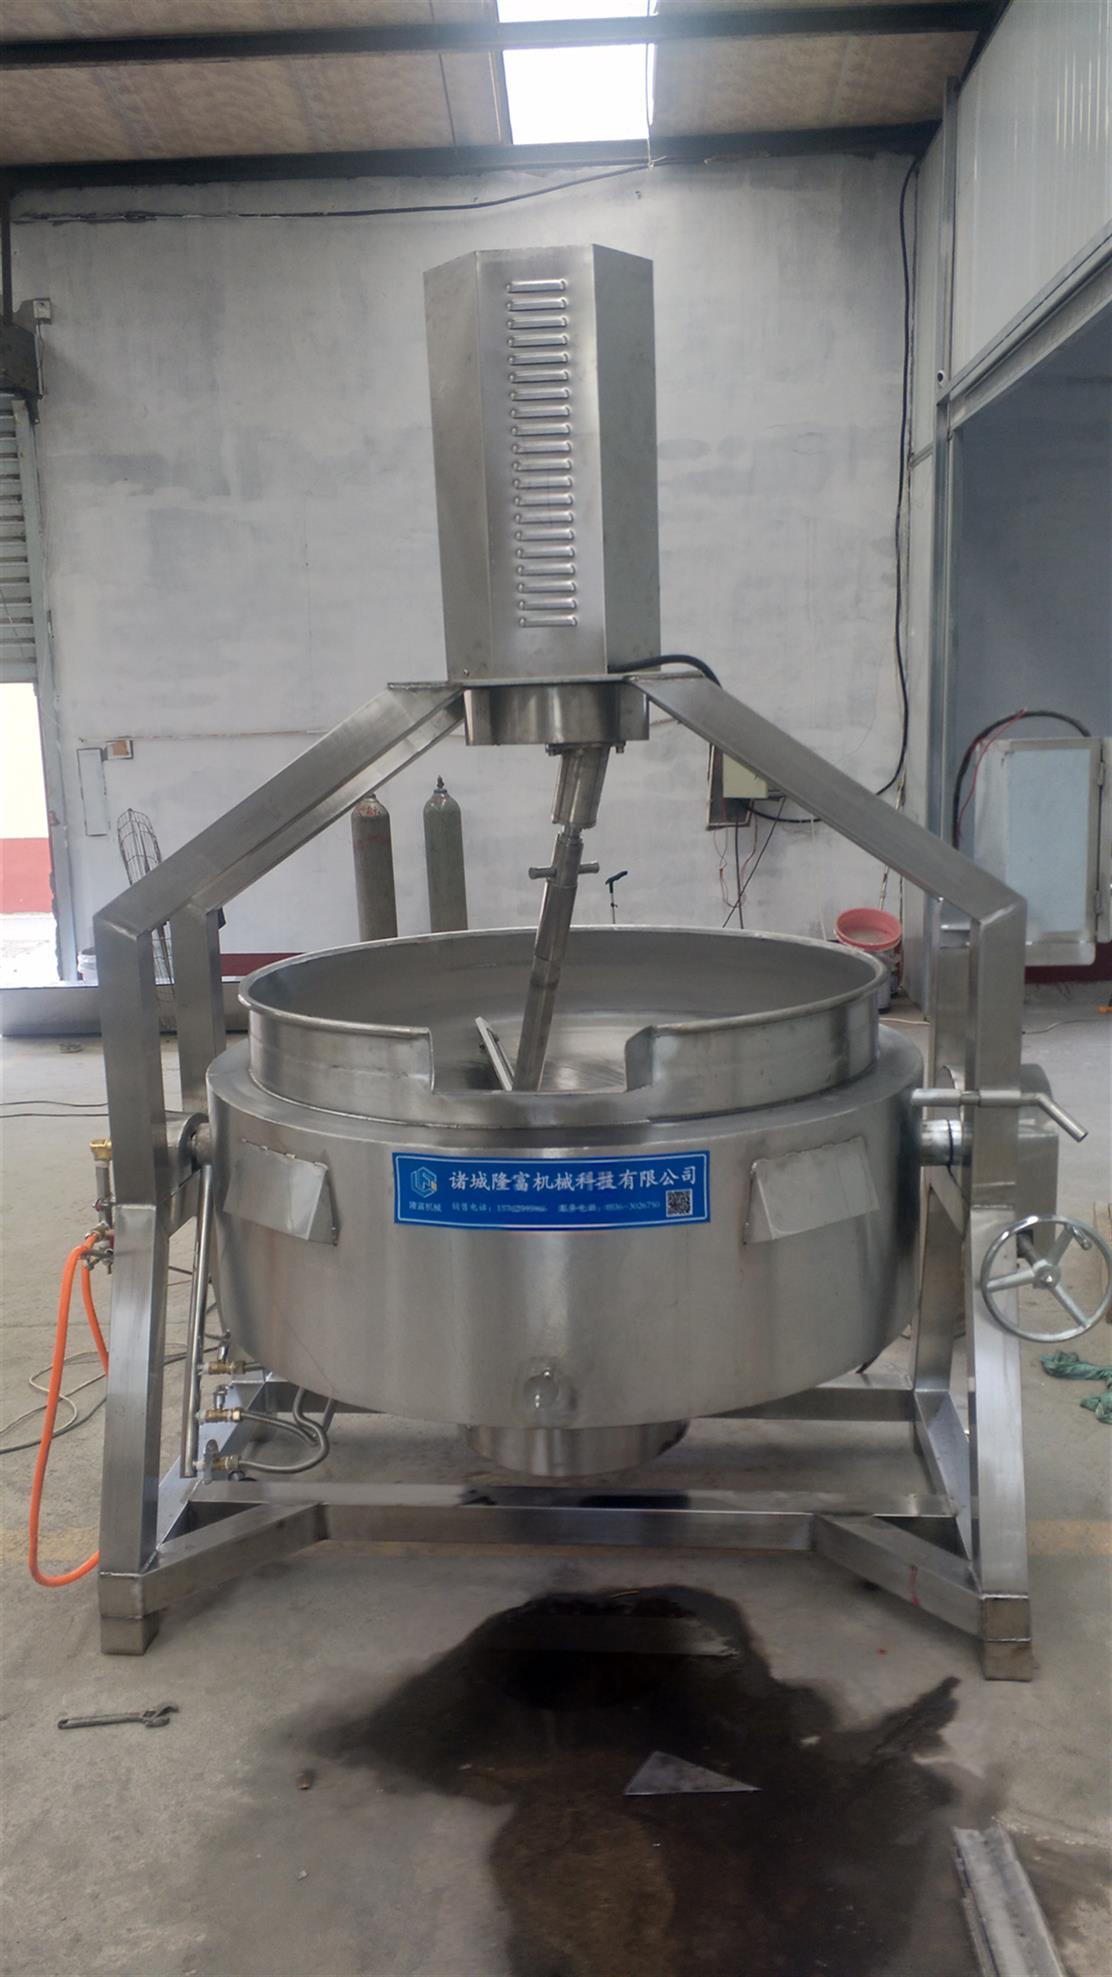 阜阳煮肉夹层锅